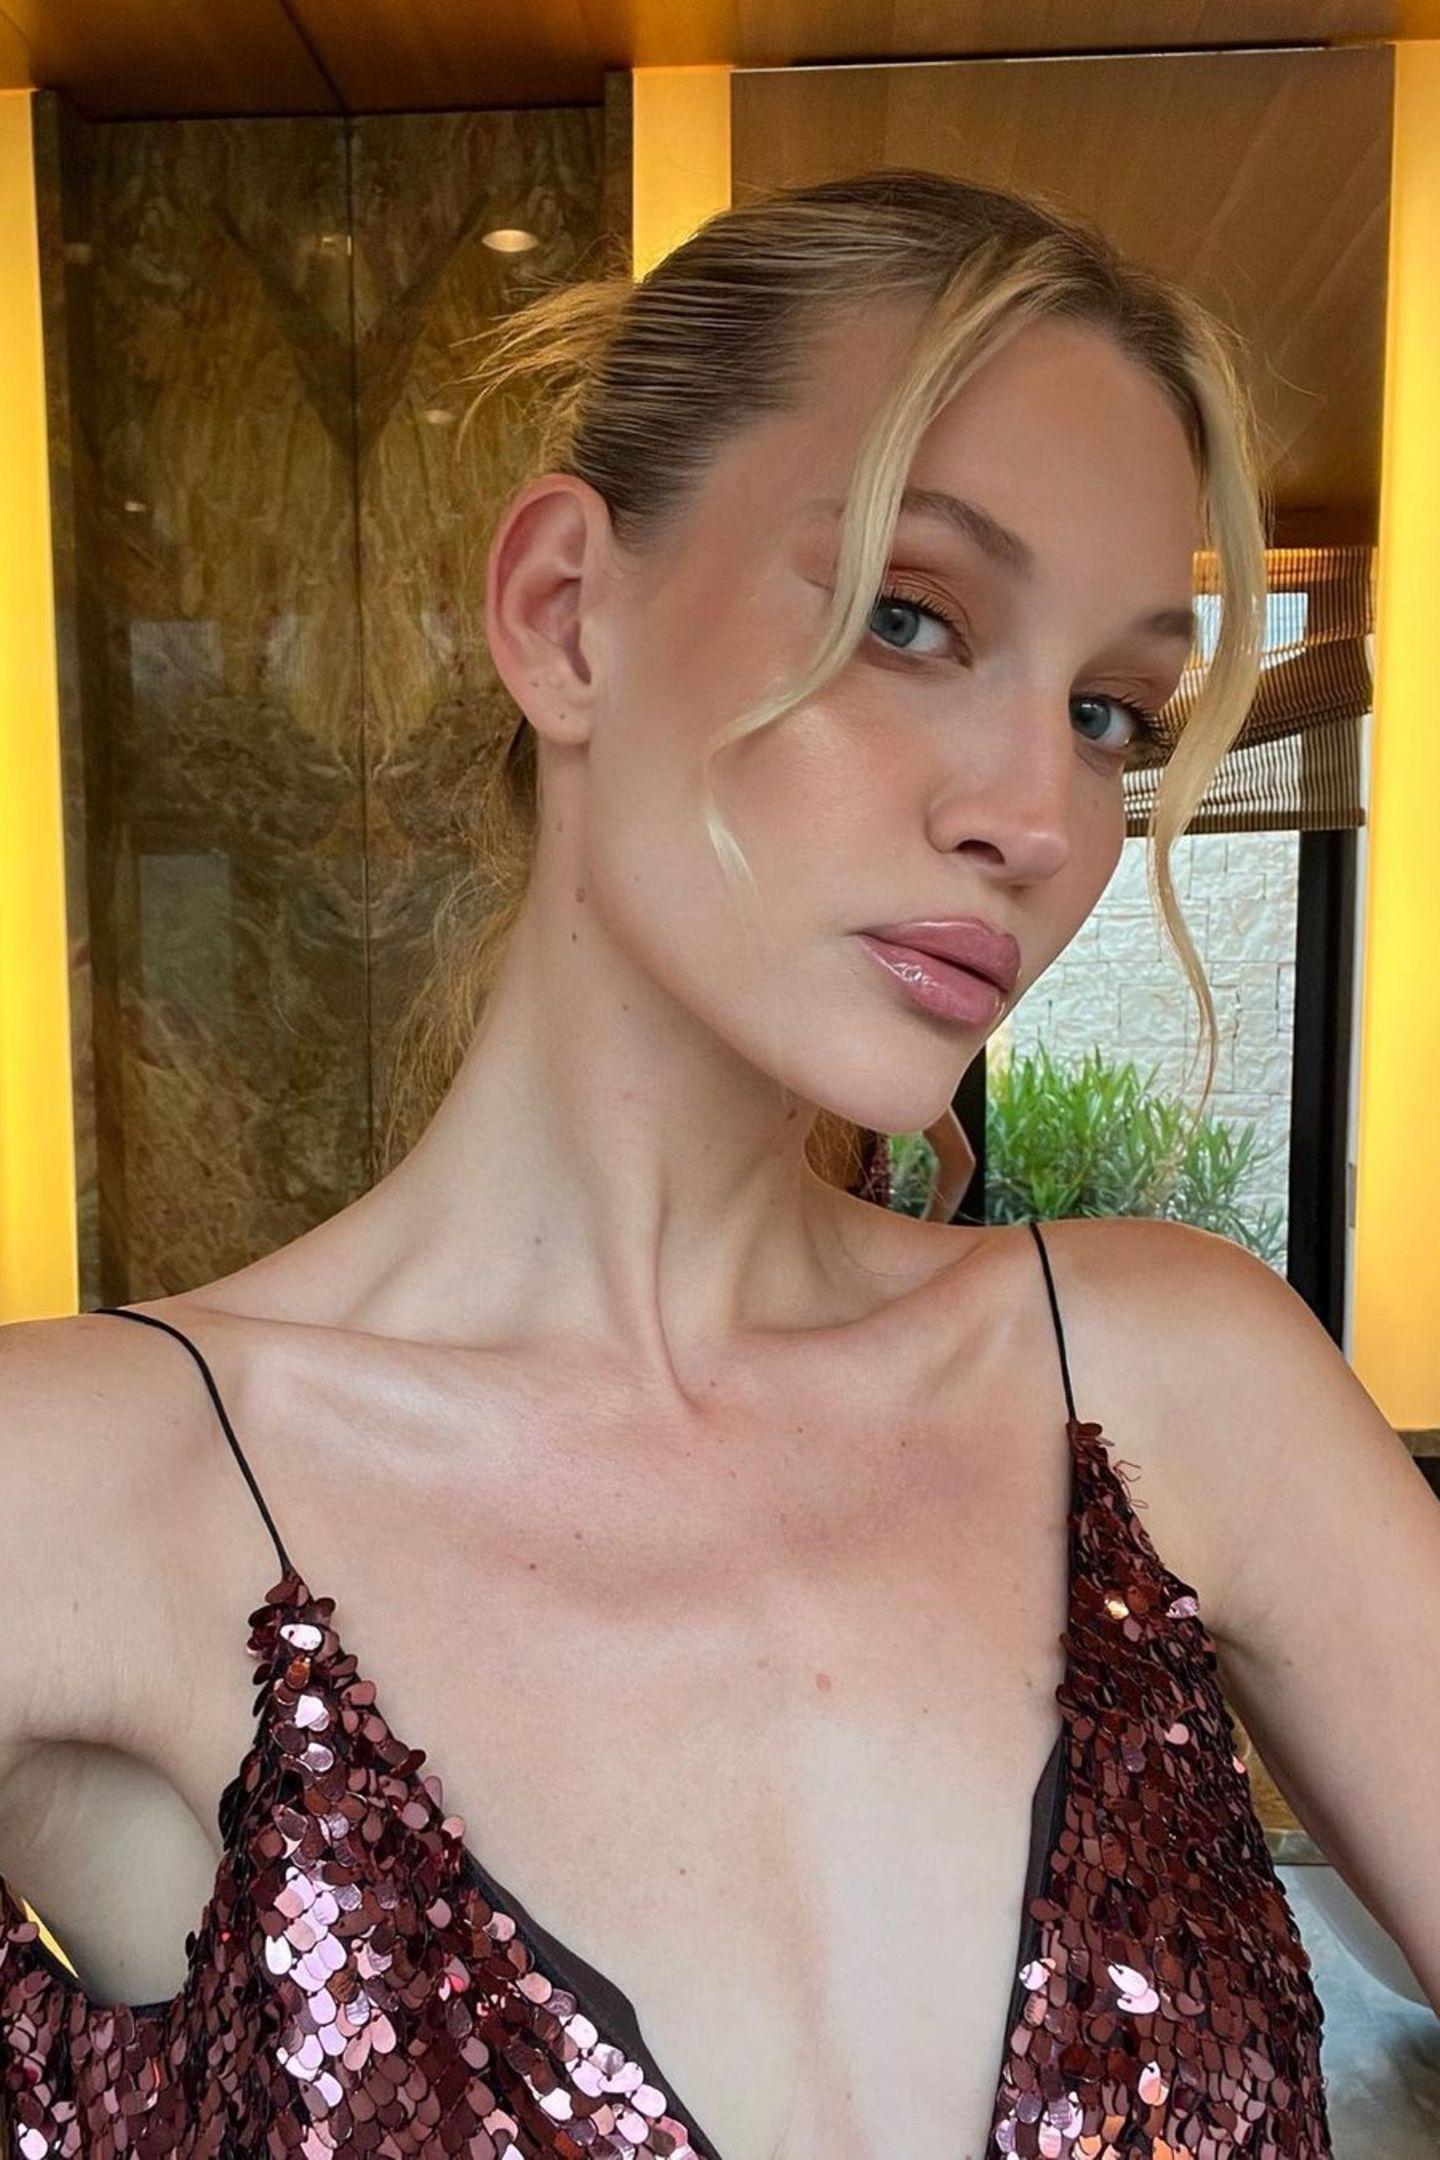 Neun Jahre später ist Mandy Bork kaum wiederzuerkennen. Aus der Schülerin mit blondem Wallehaar ist eine junge Frau mit viel Stil und wesentlich erwachsenerem Gesicht geworden. Außerdem scheint sie mehr und mehr zu ihrer Naturhaarfarbe zurückzukehren.